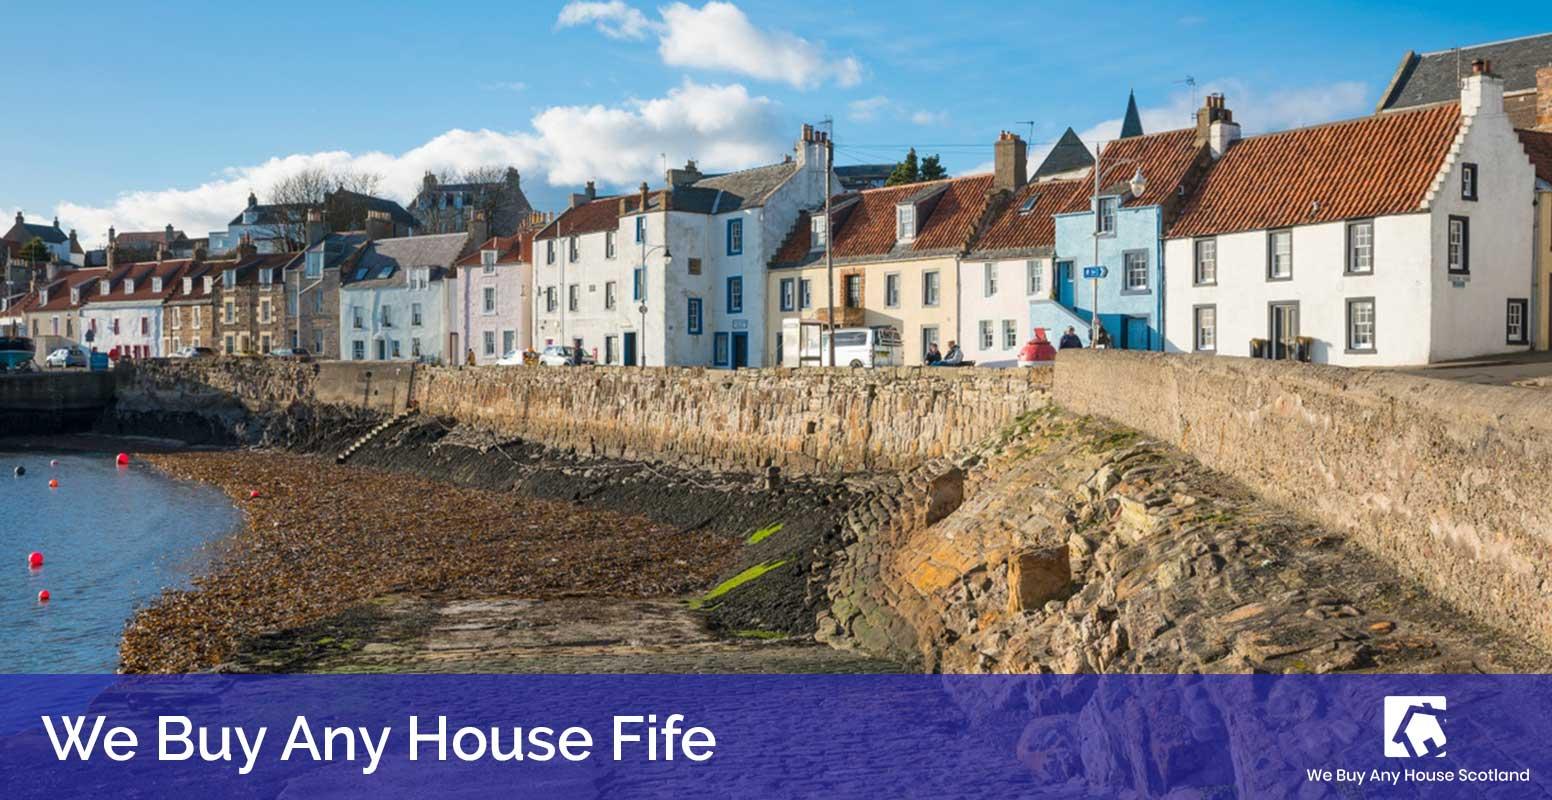 We Buy Any House Fife